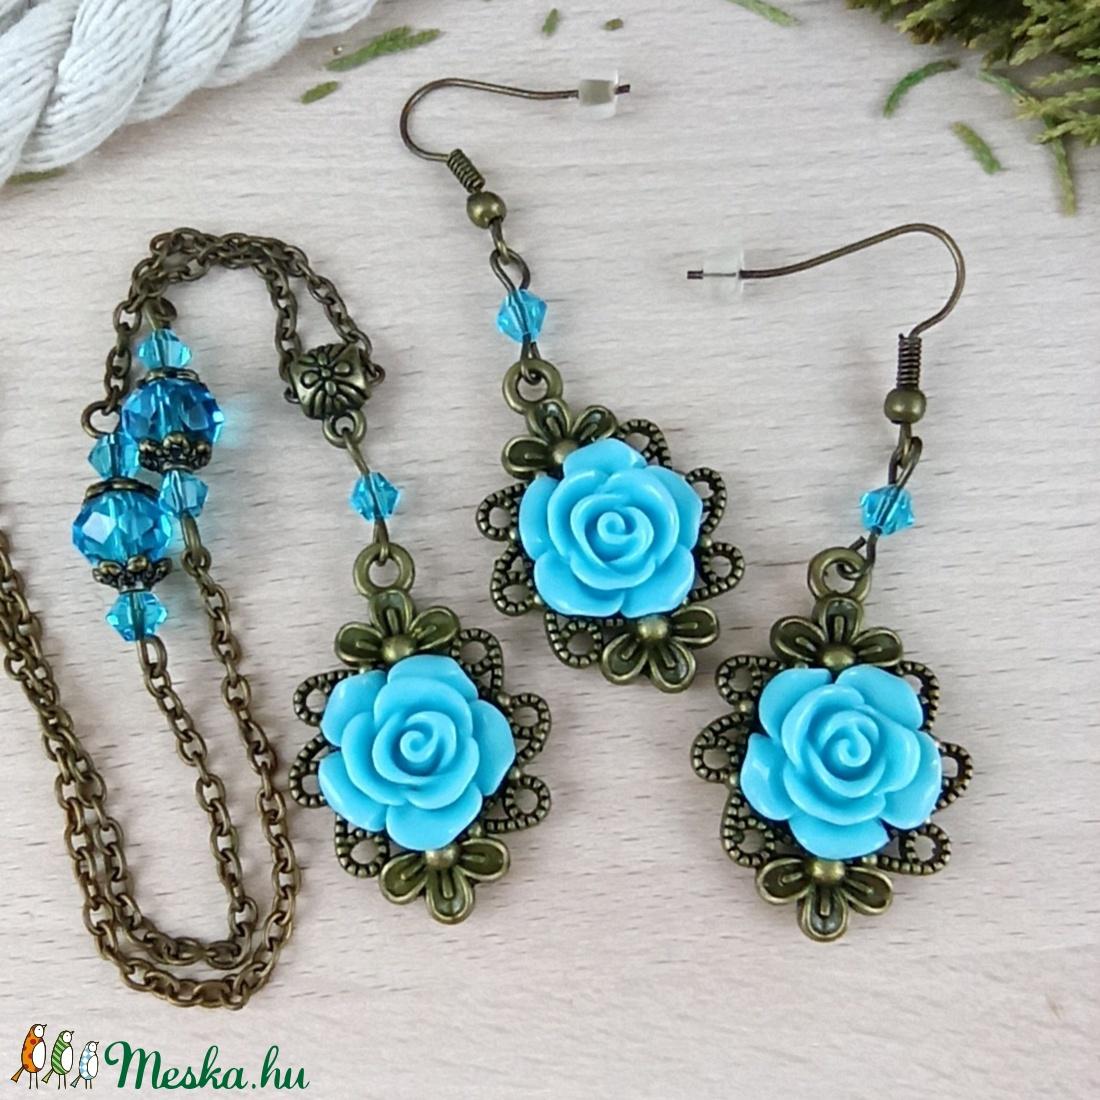 #49 kék rózsás antik bronz szett nyaklánc fülbevaló esküvő alkalmi koszorúslány örömanya menyasszony násznagy - ékszer - ékszerszett - Meska.hu